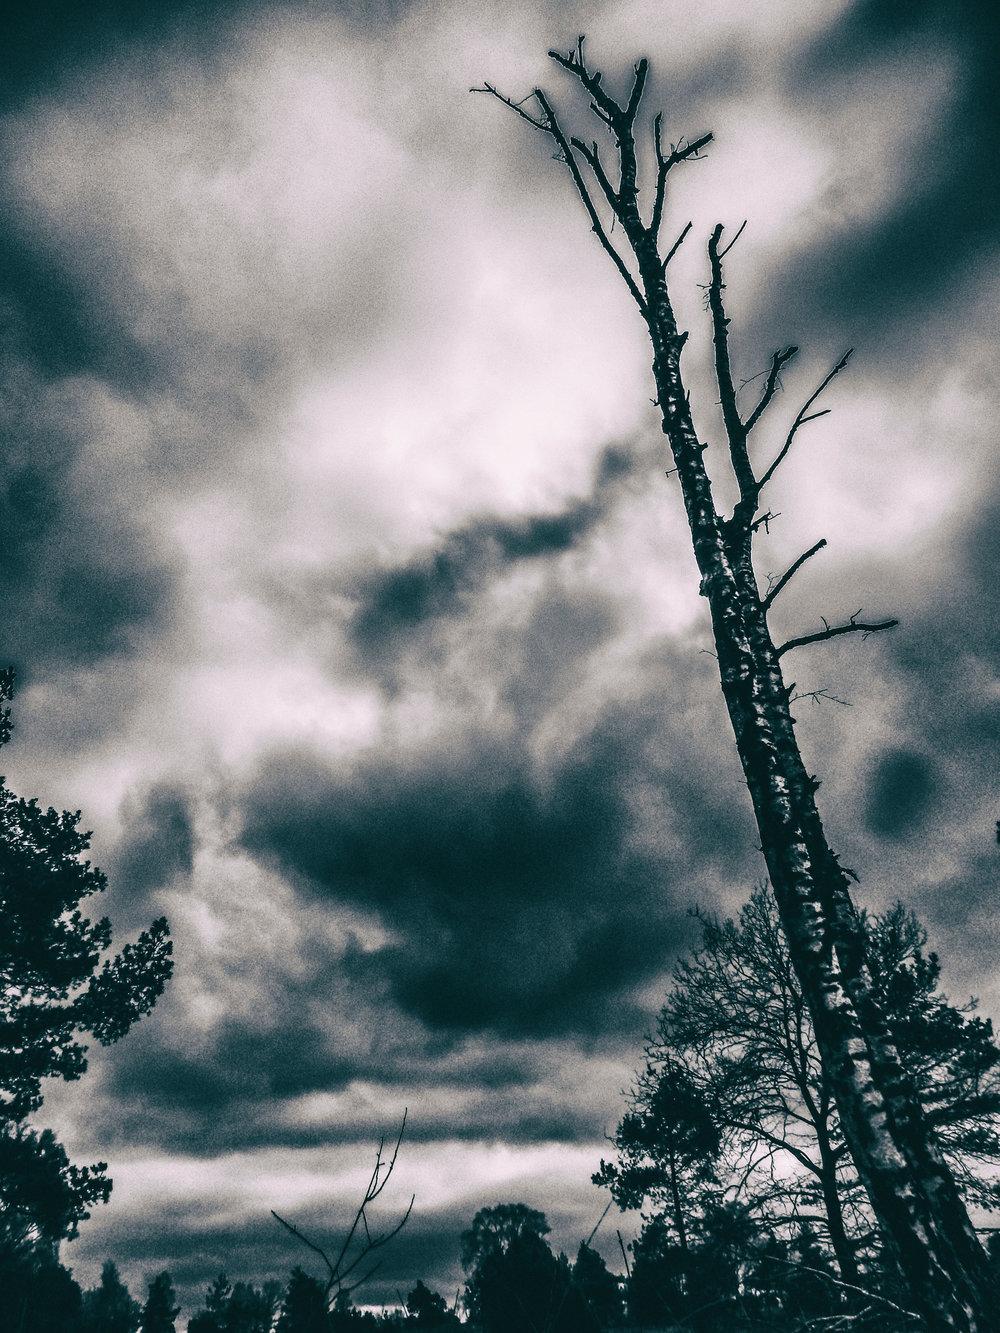 Storm dreiging